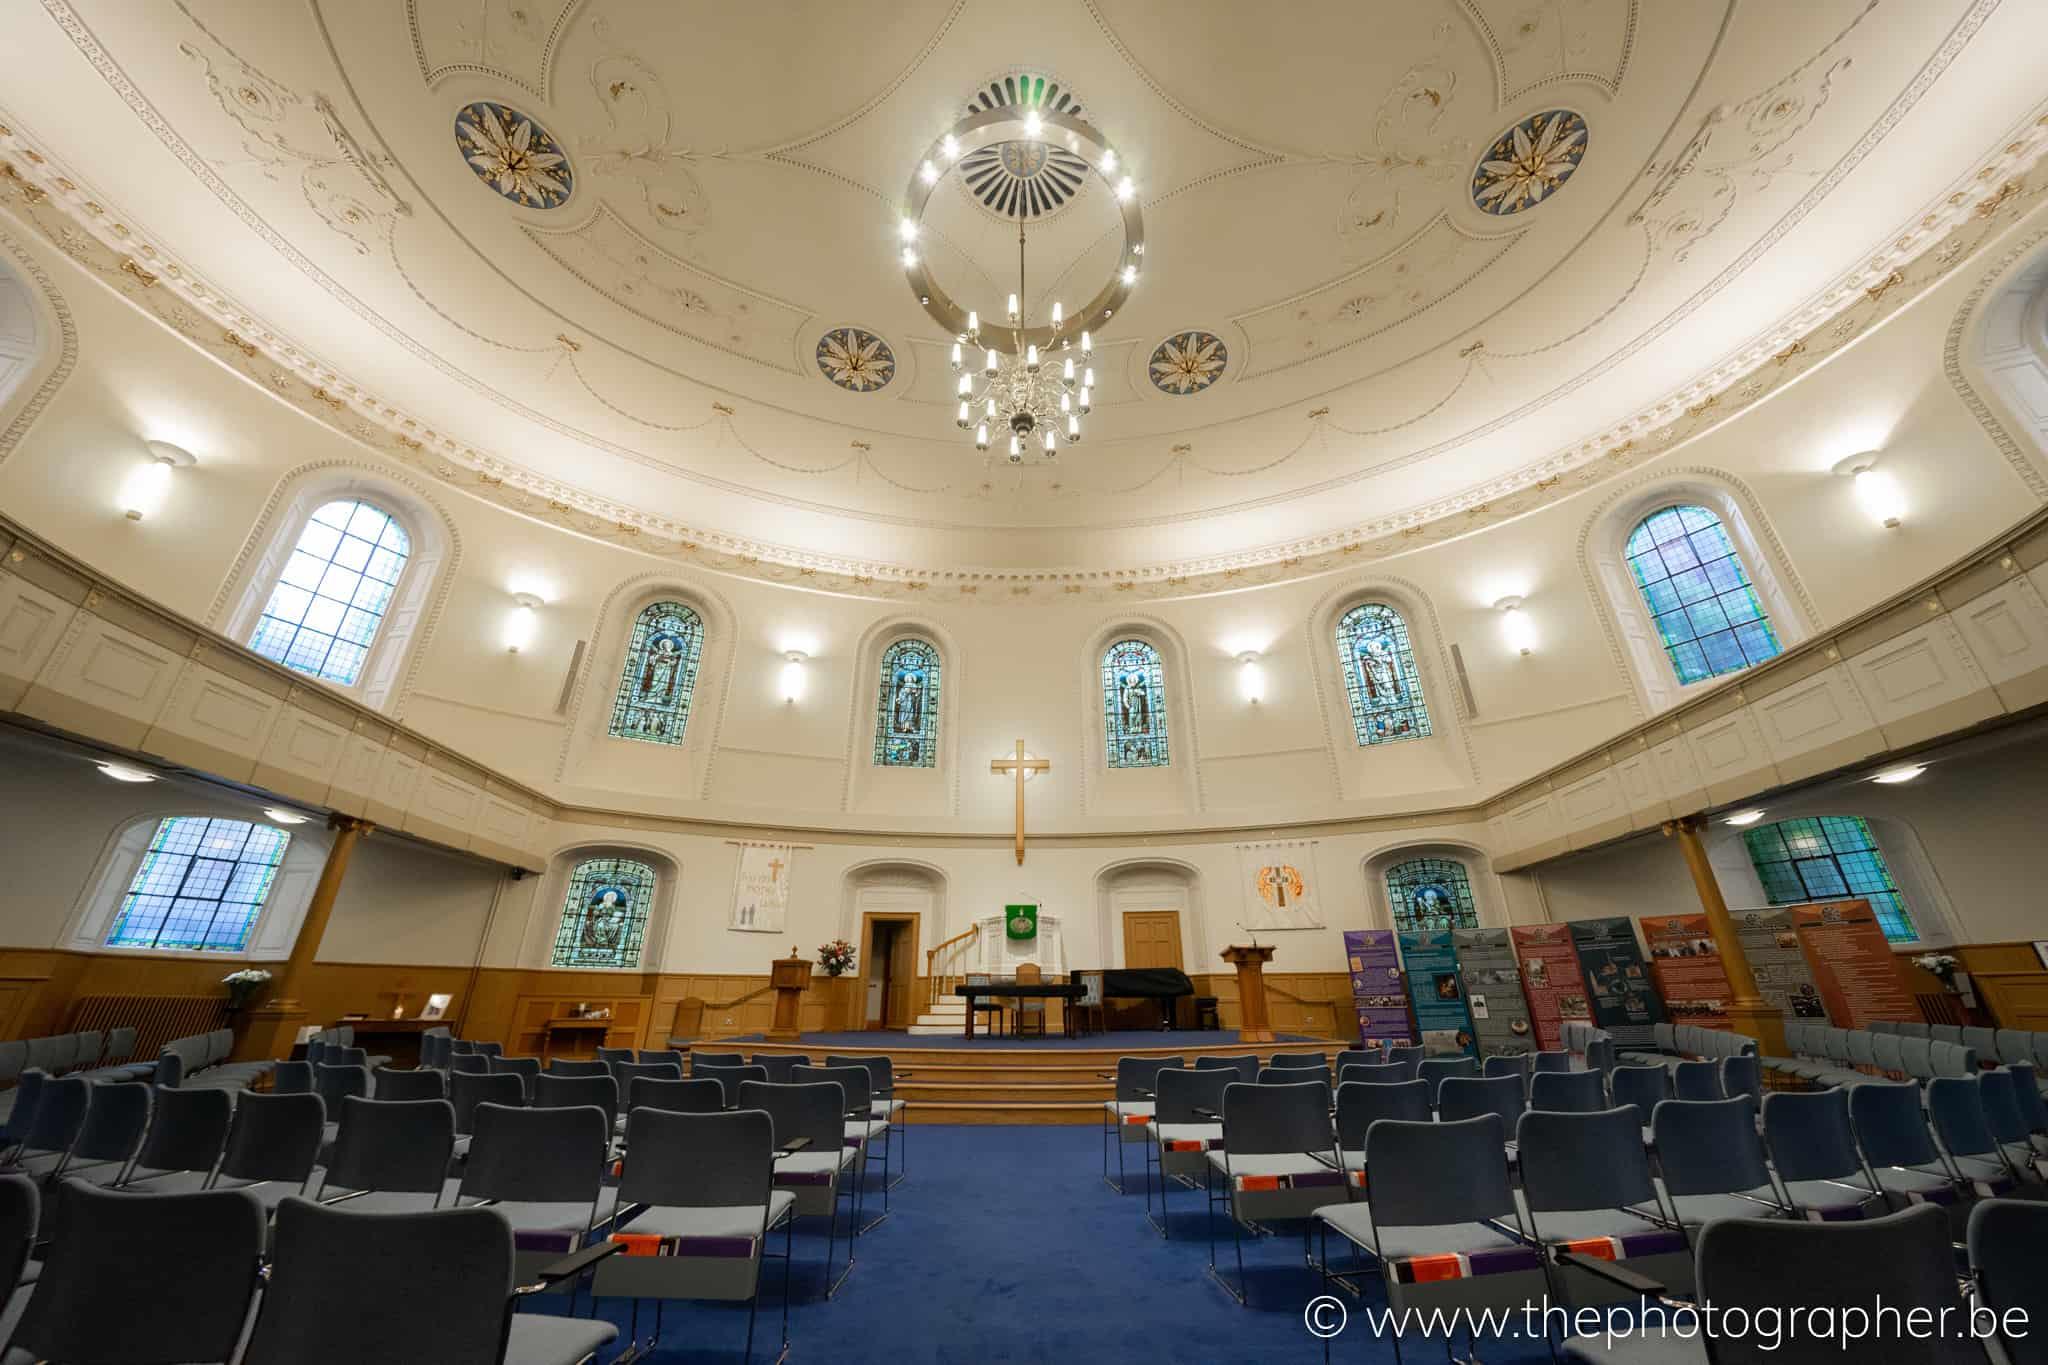 Foto van de kerk St Andrew's and St George's West in Edinburgh Schotland